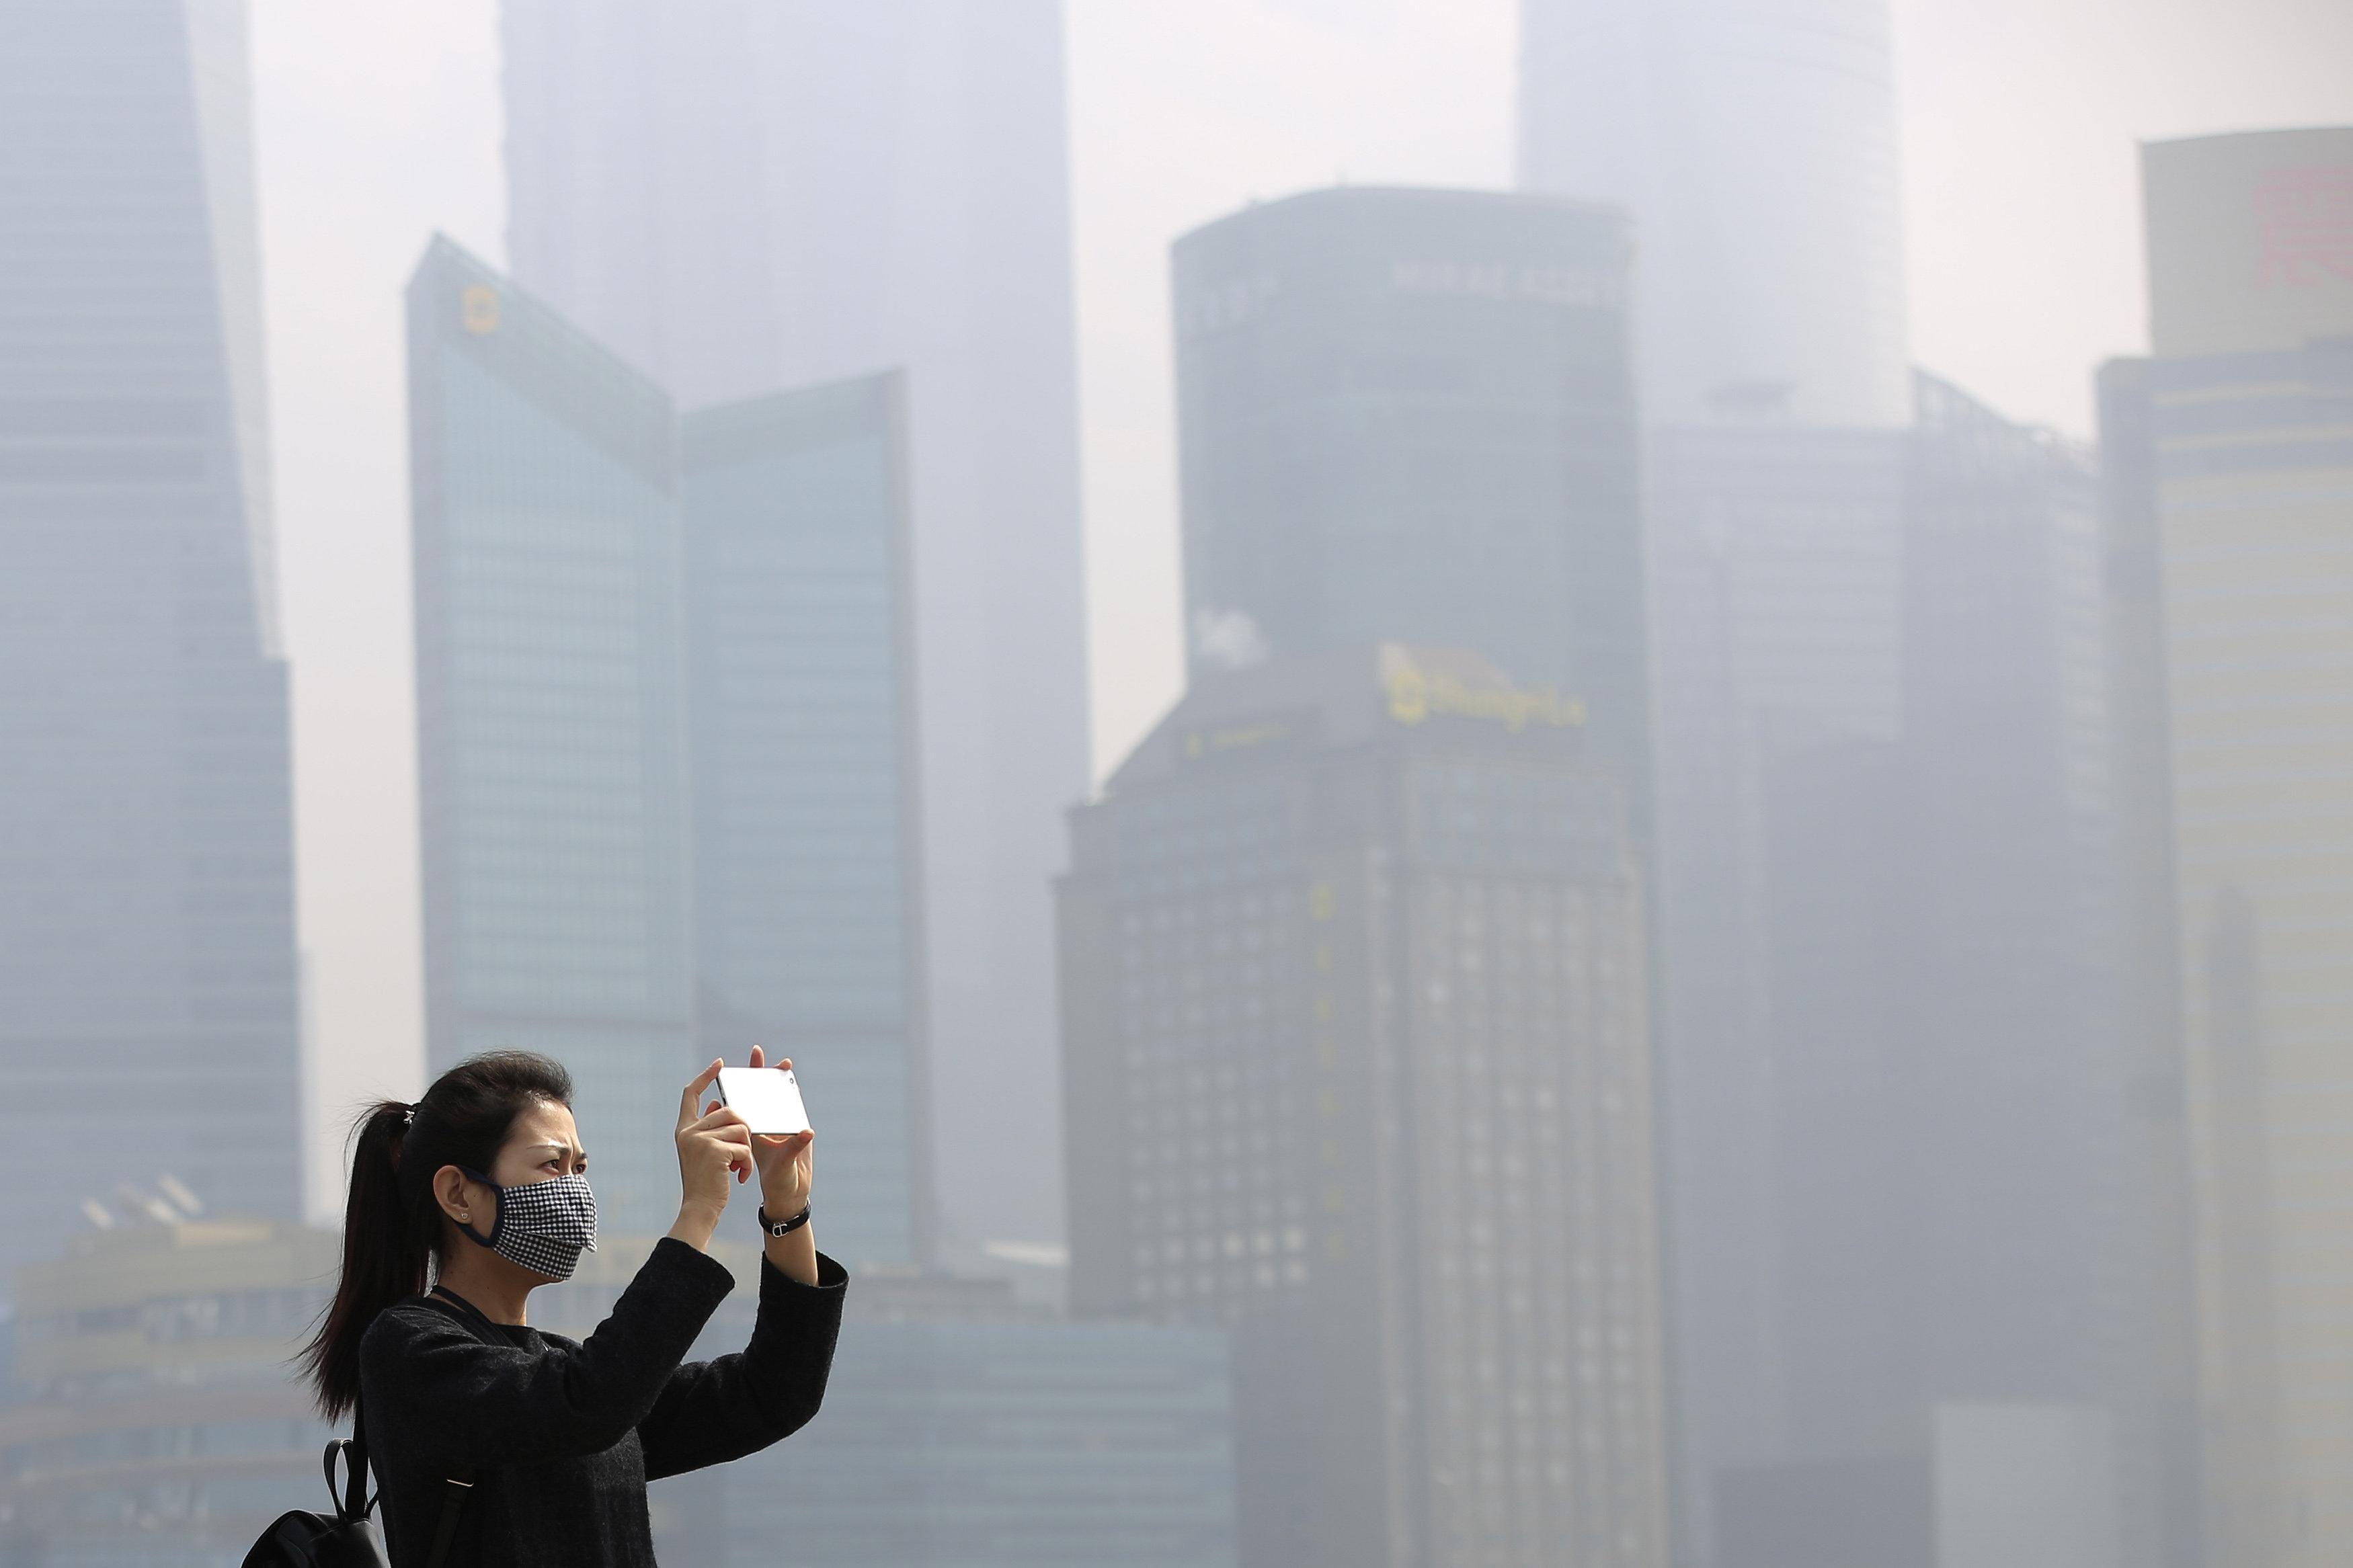 중국이 대기오염과의 전쟁에서 승리하고